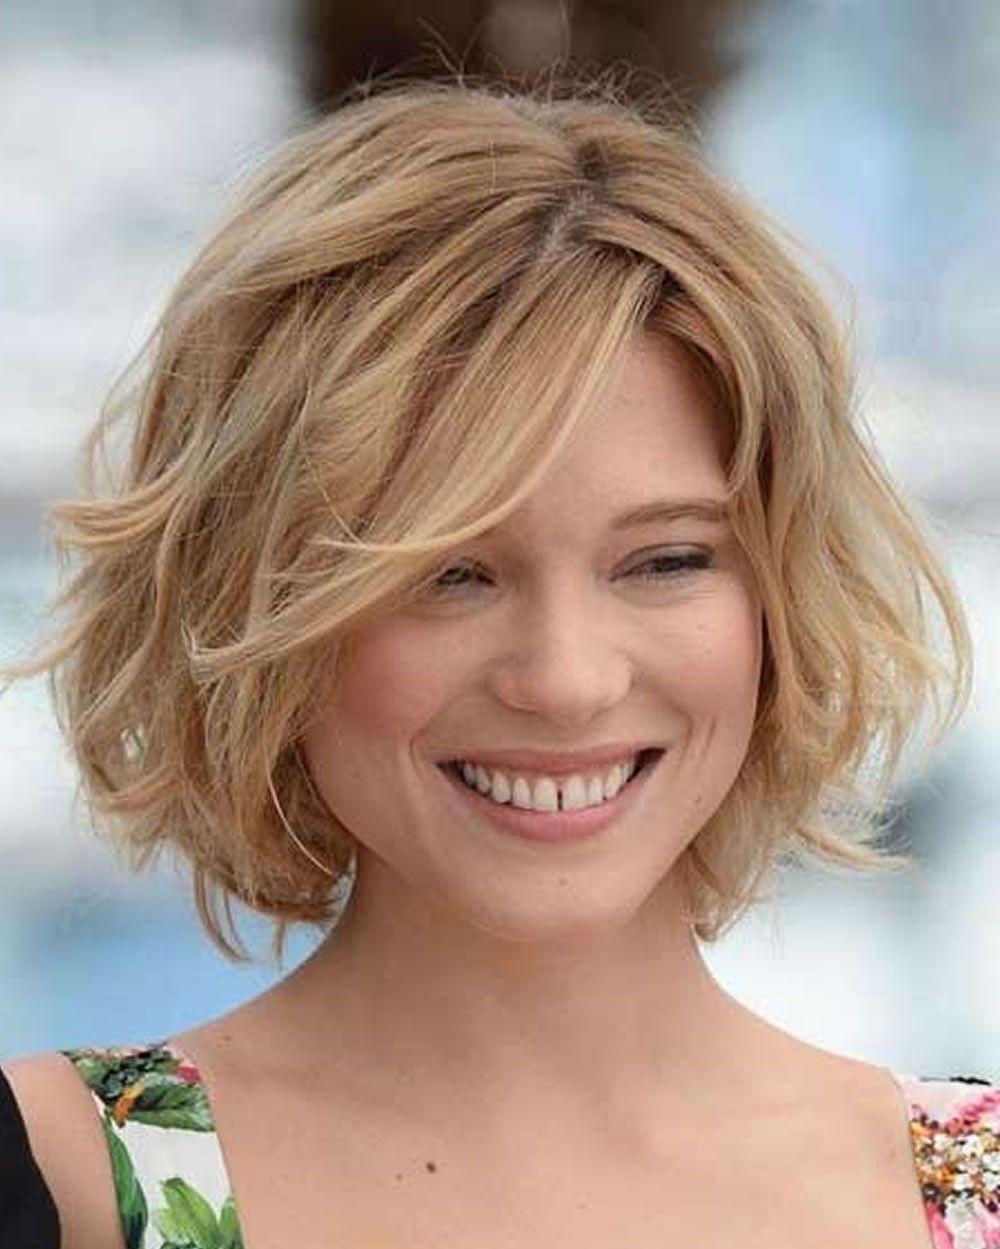 28+ Femme coiffure reviews des idees